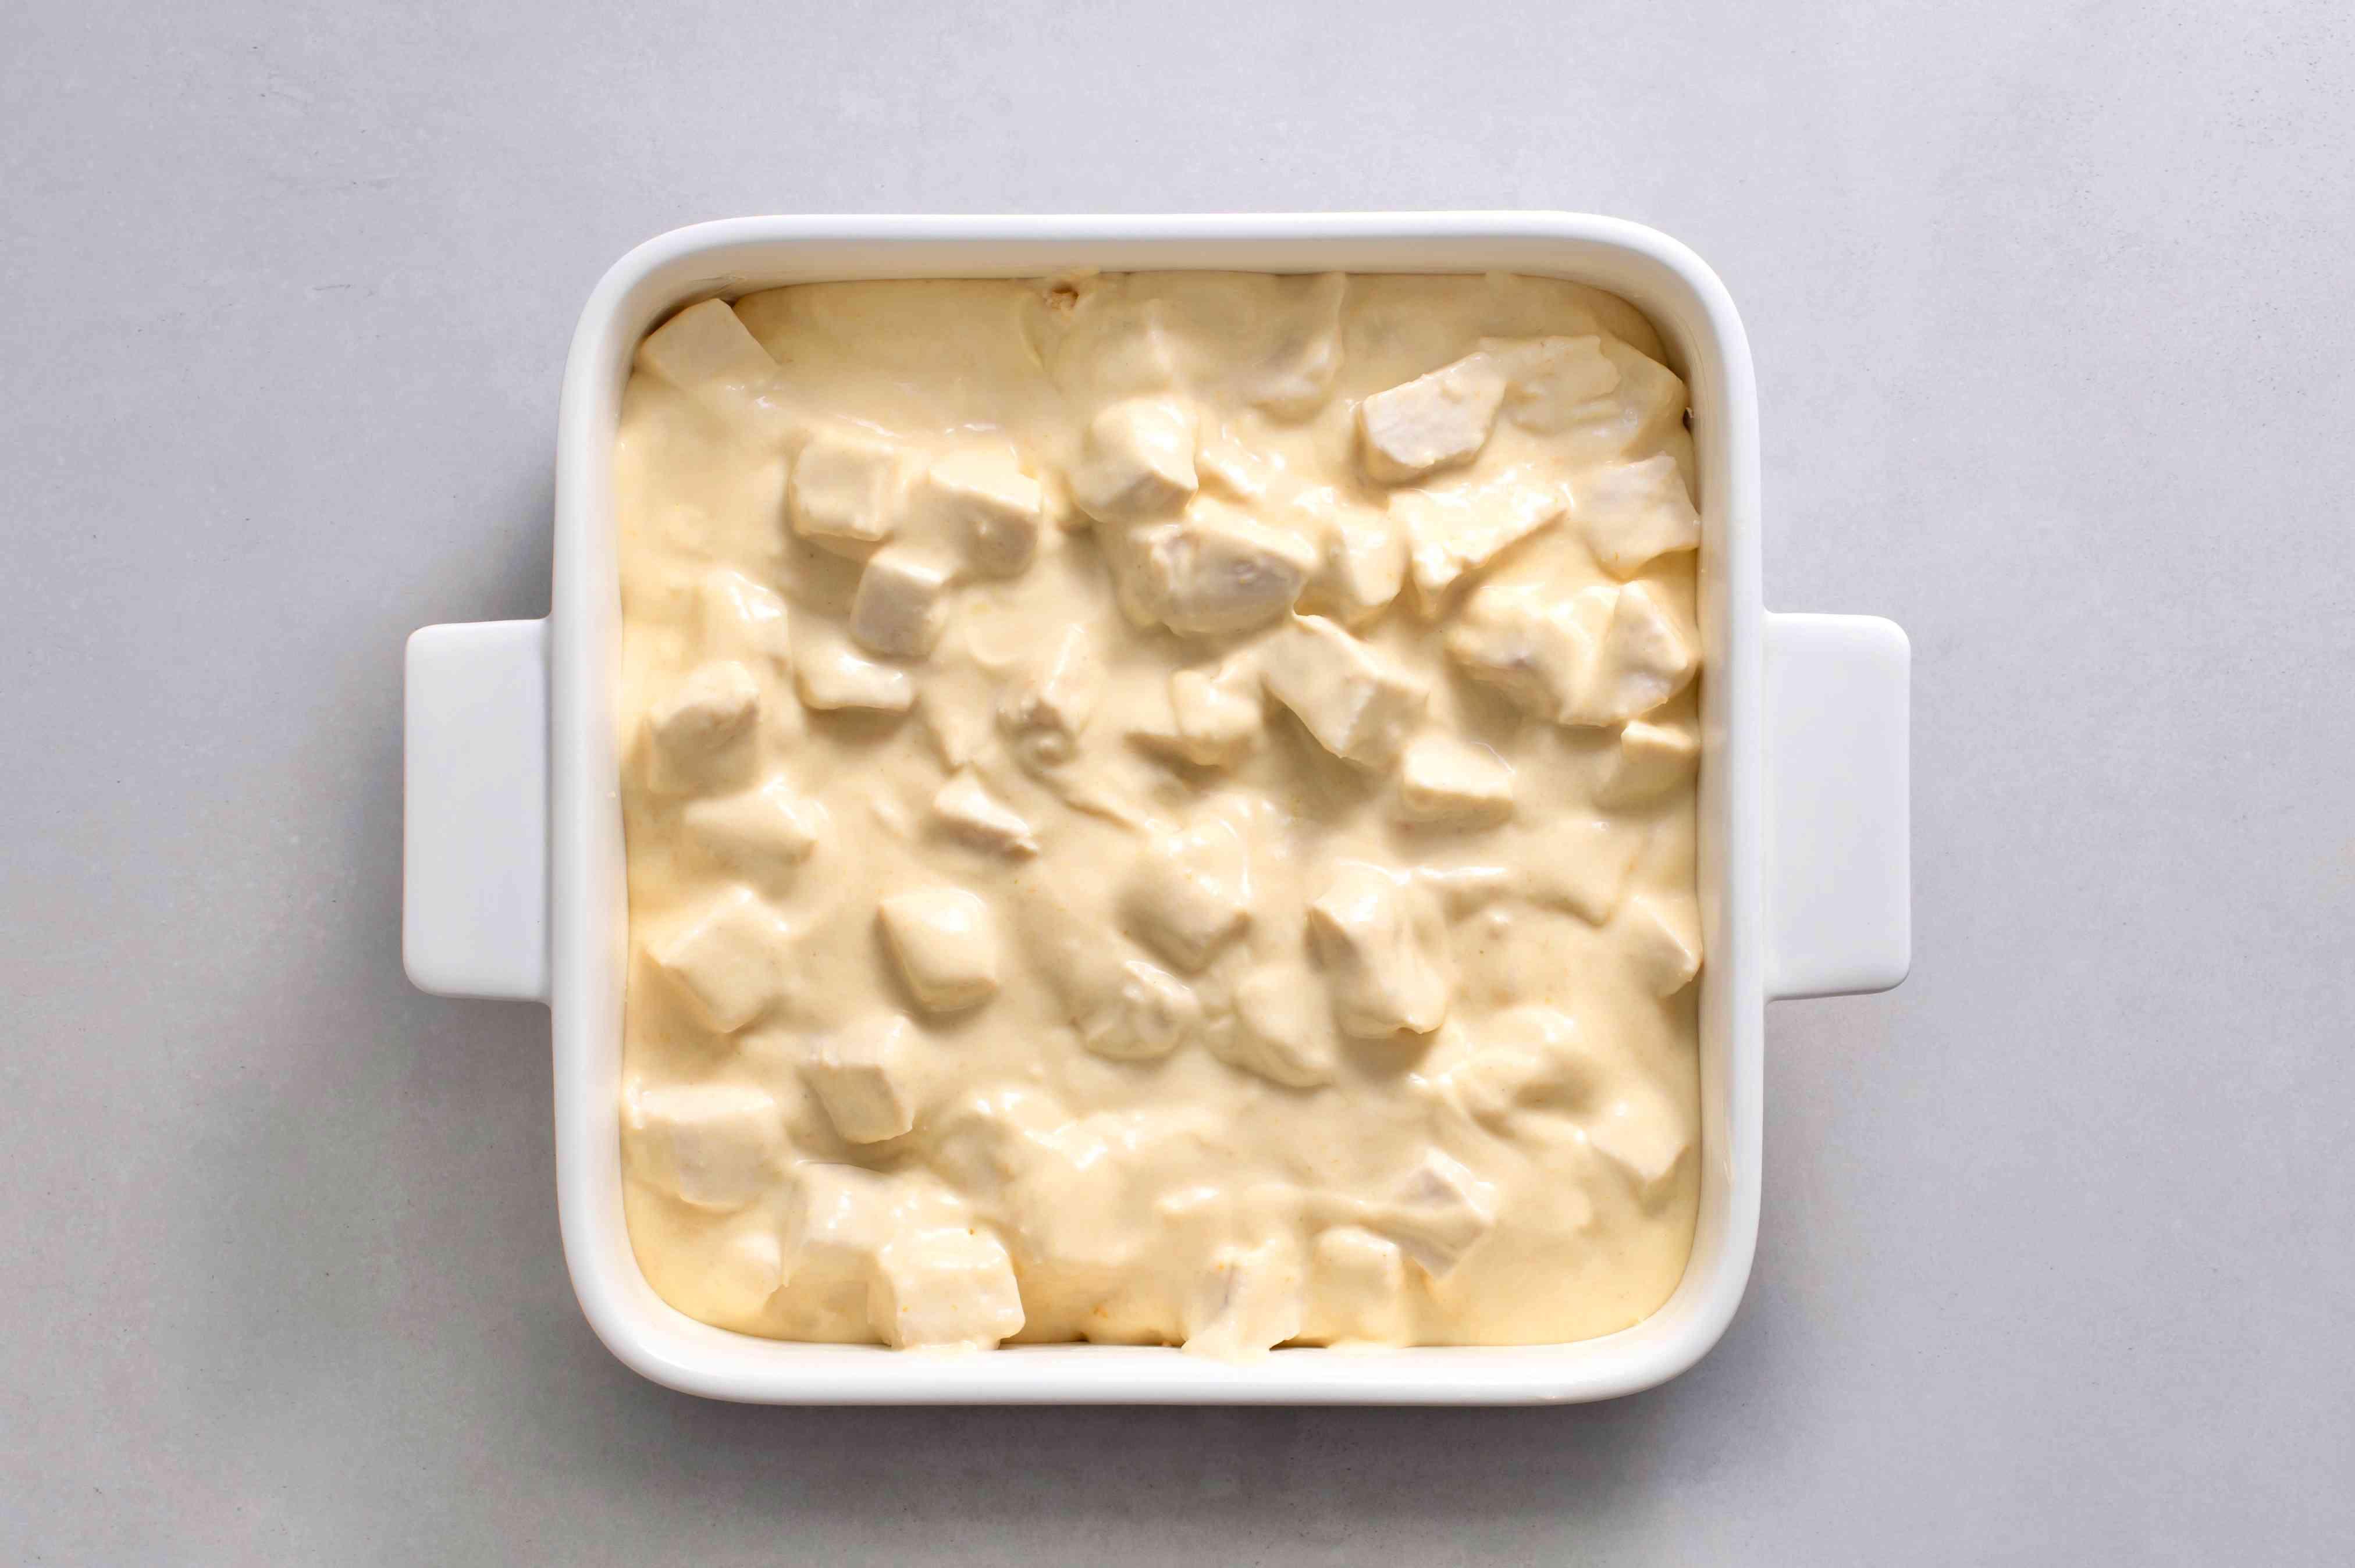 chicken mixture in the casserole dish